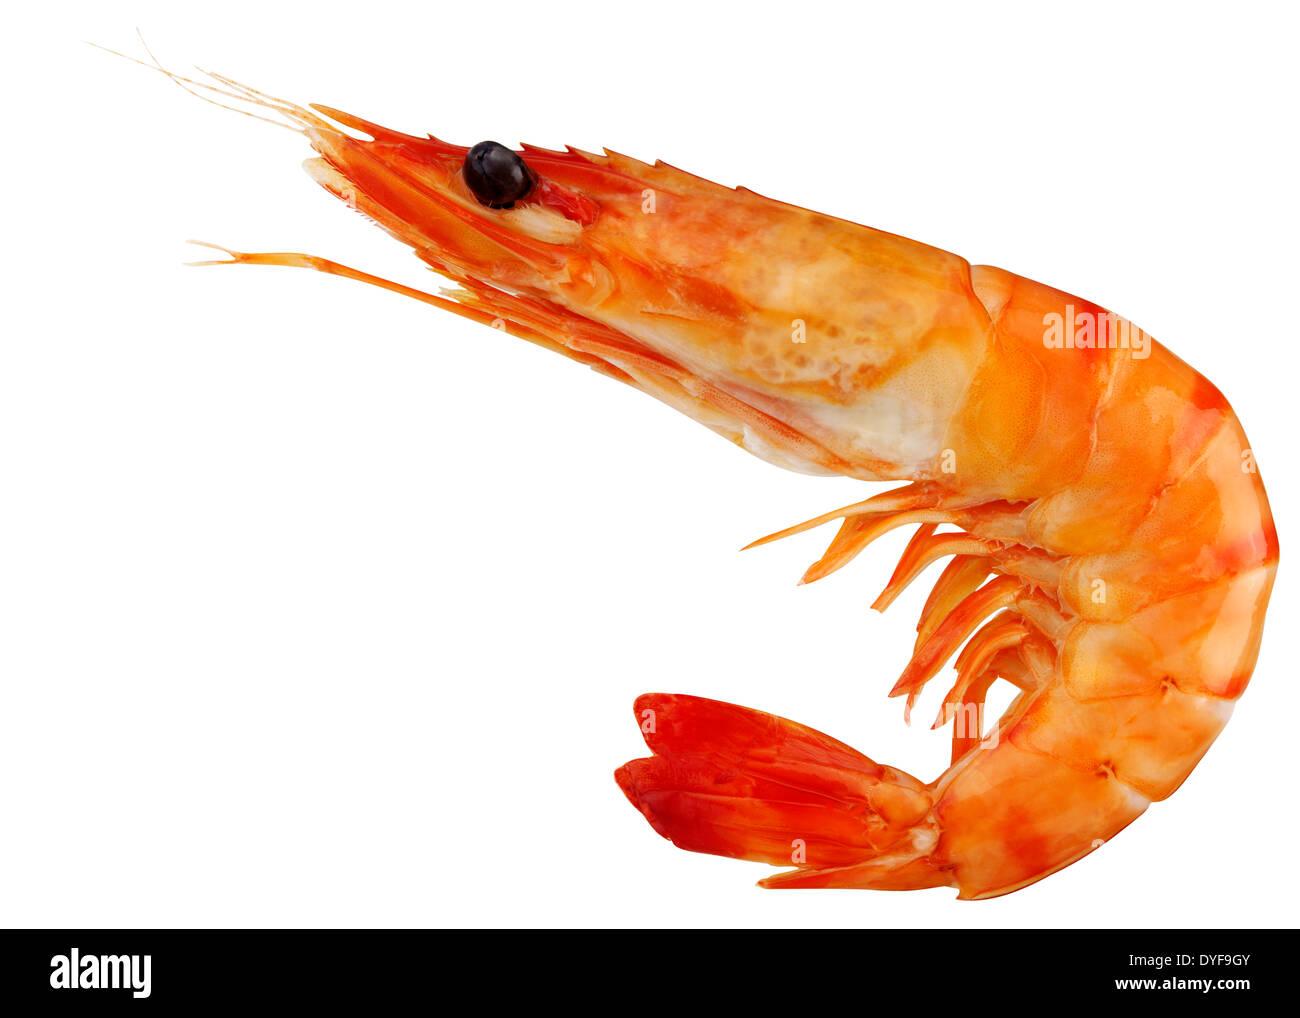 Image Gallery king prawn